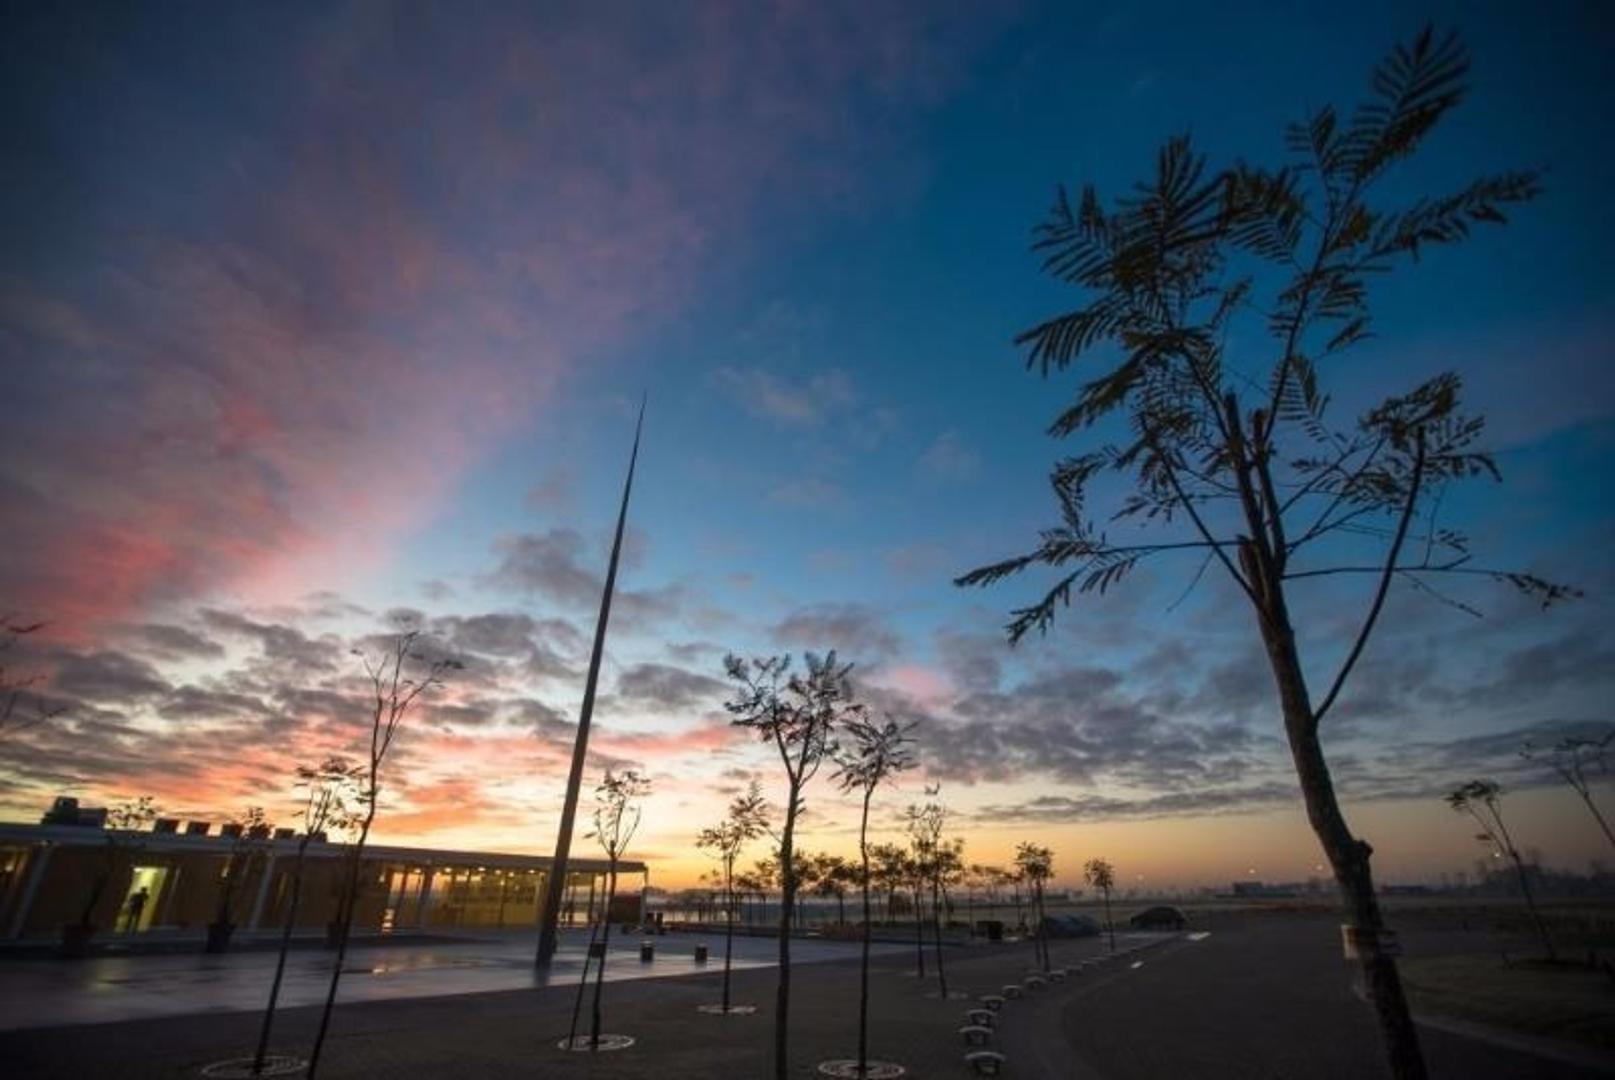 terreno en puertos del lago - barrio acacias - 600 m2